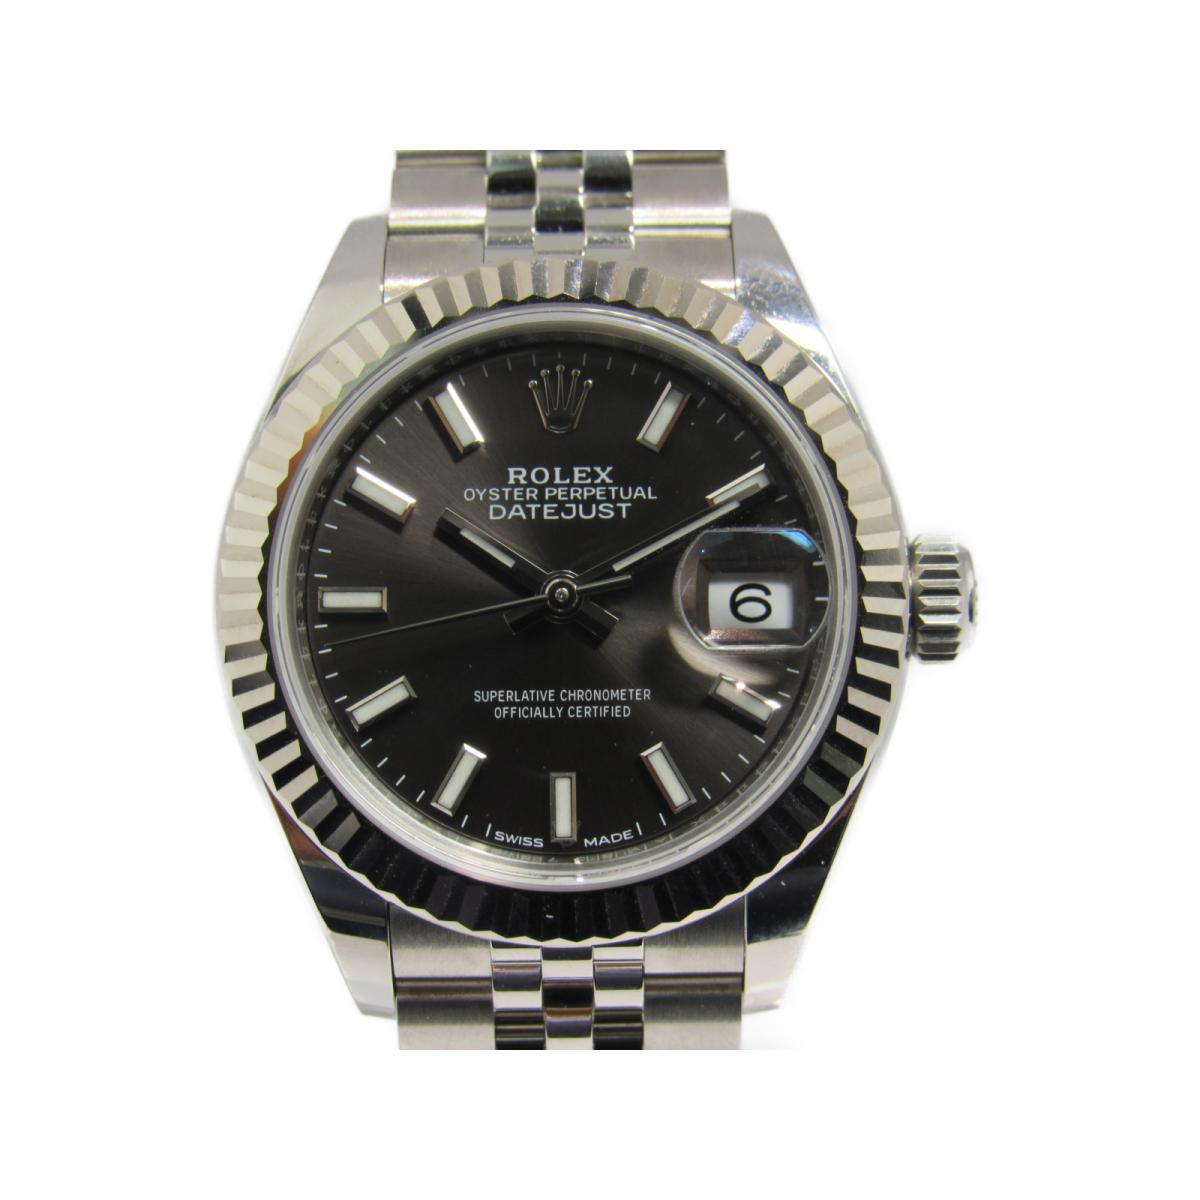 ロレックス デイトジャスト 腕時計 ウォッチ レディース ステンレススチール (SS) K18WG シルバー (279174) 【中古】   ROLEX BRANDOFF ブランドオフ ブランド ブランド時計 ブランド腕時計 時計